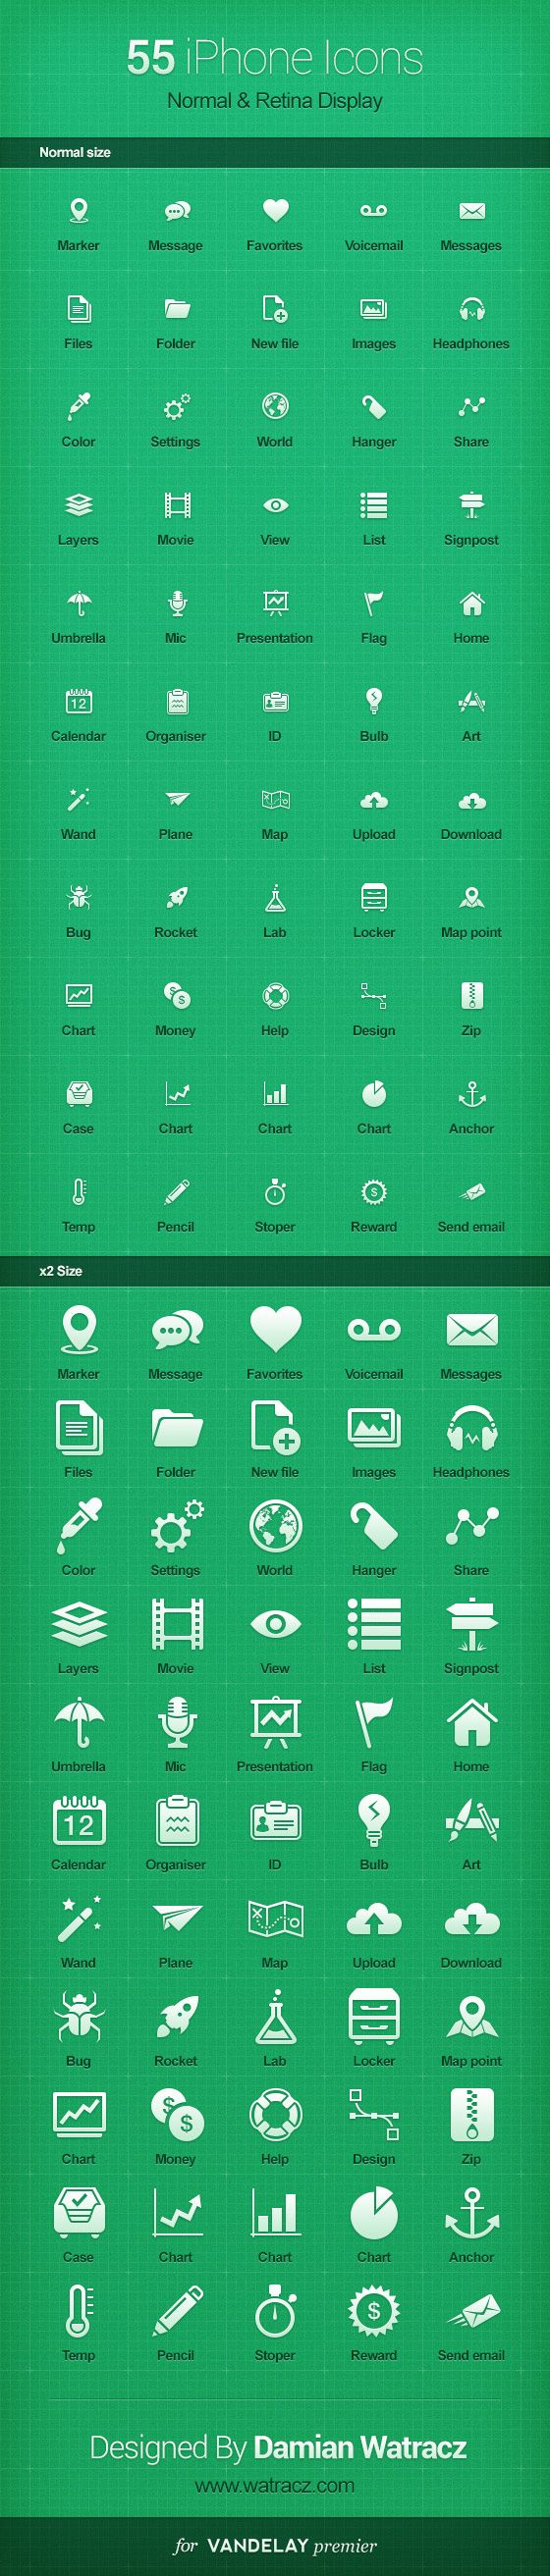 Free Mobile Icon Set 2013-12-3その六 これ明らかに専門的だな